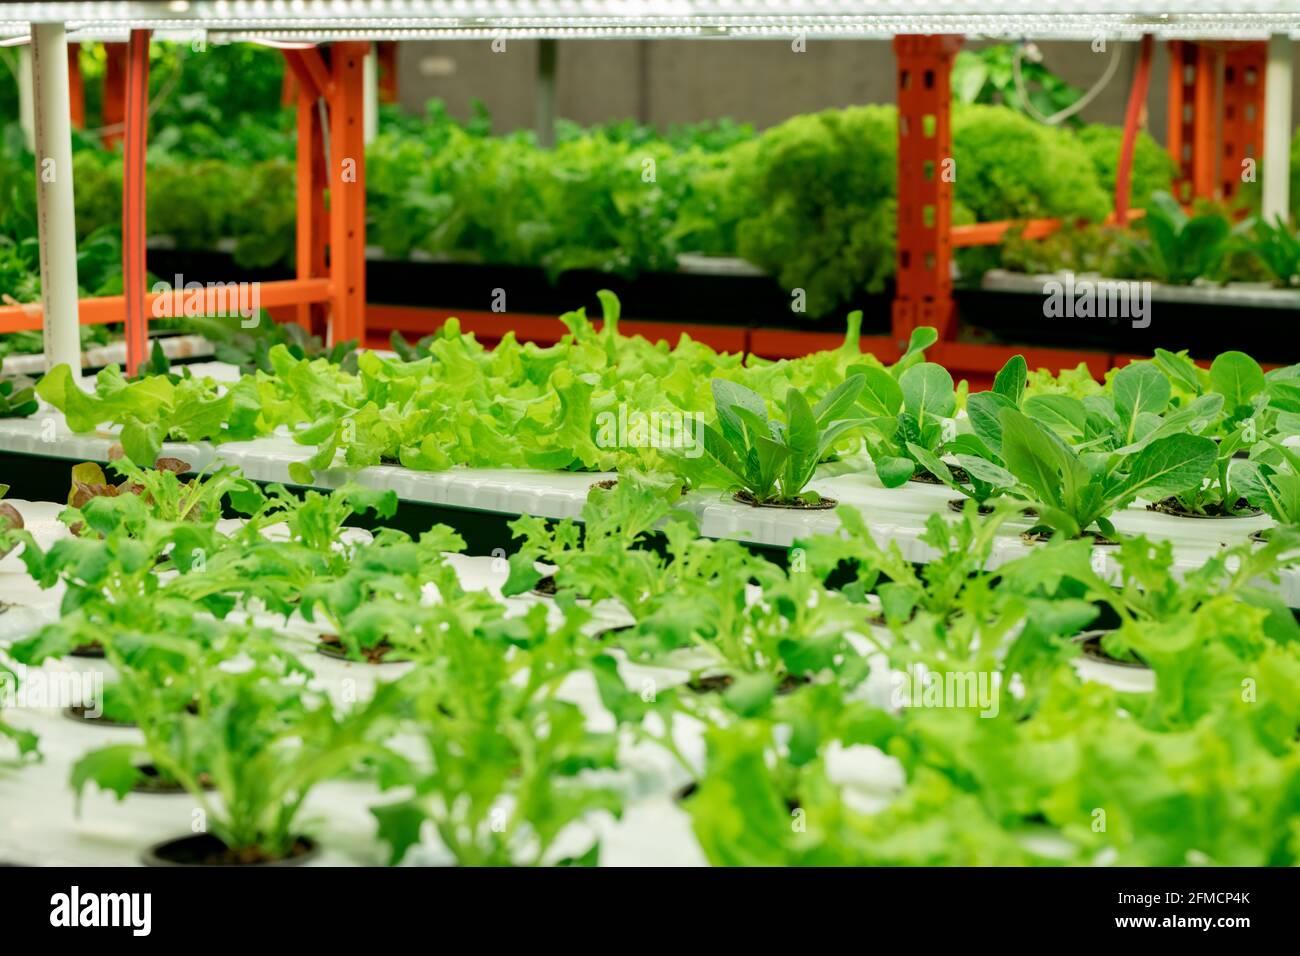 Ferme verticale intérieure avec des semis de légumes verts en rangées sous Lampes LED dans la serre de pépinière Banque D'Images